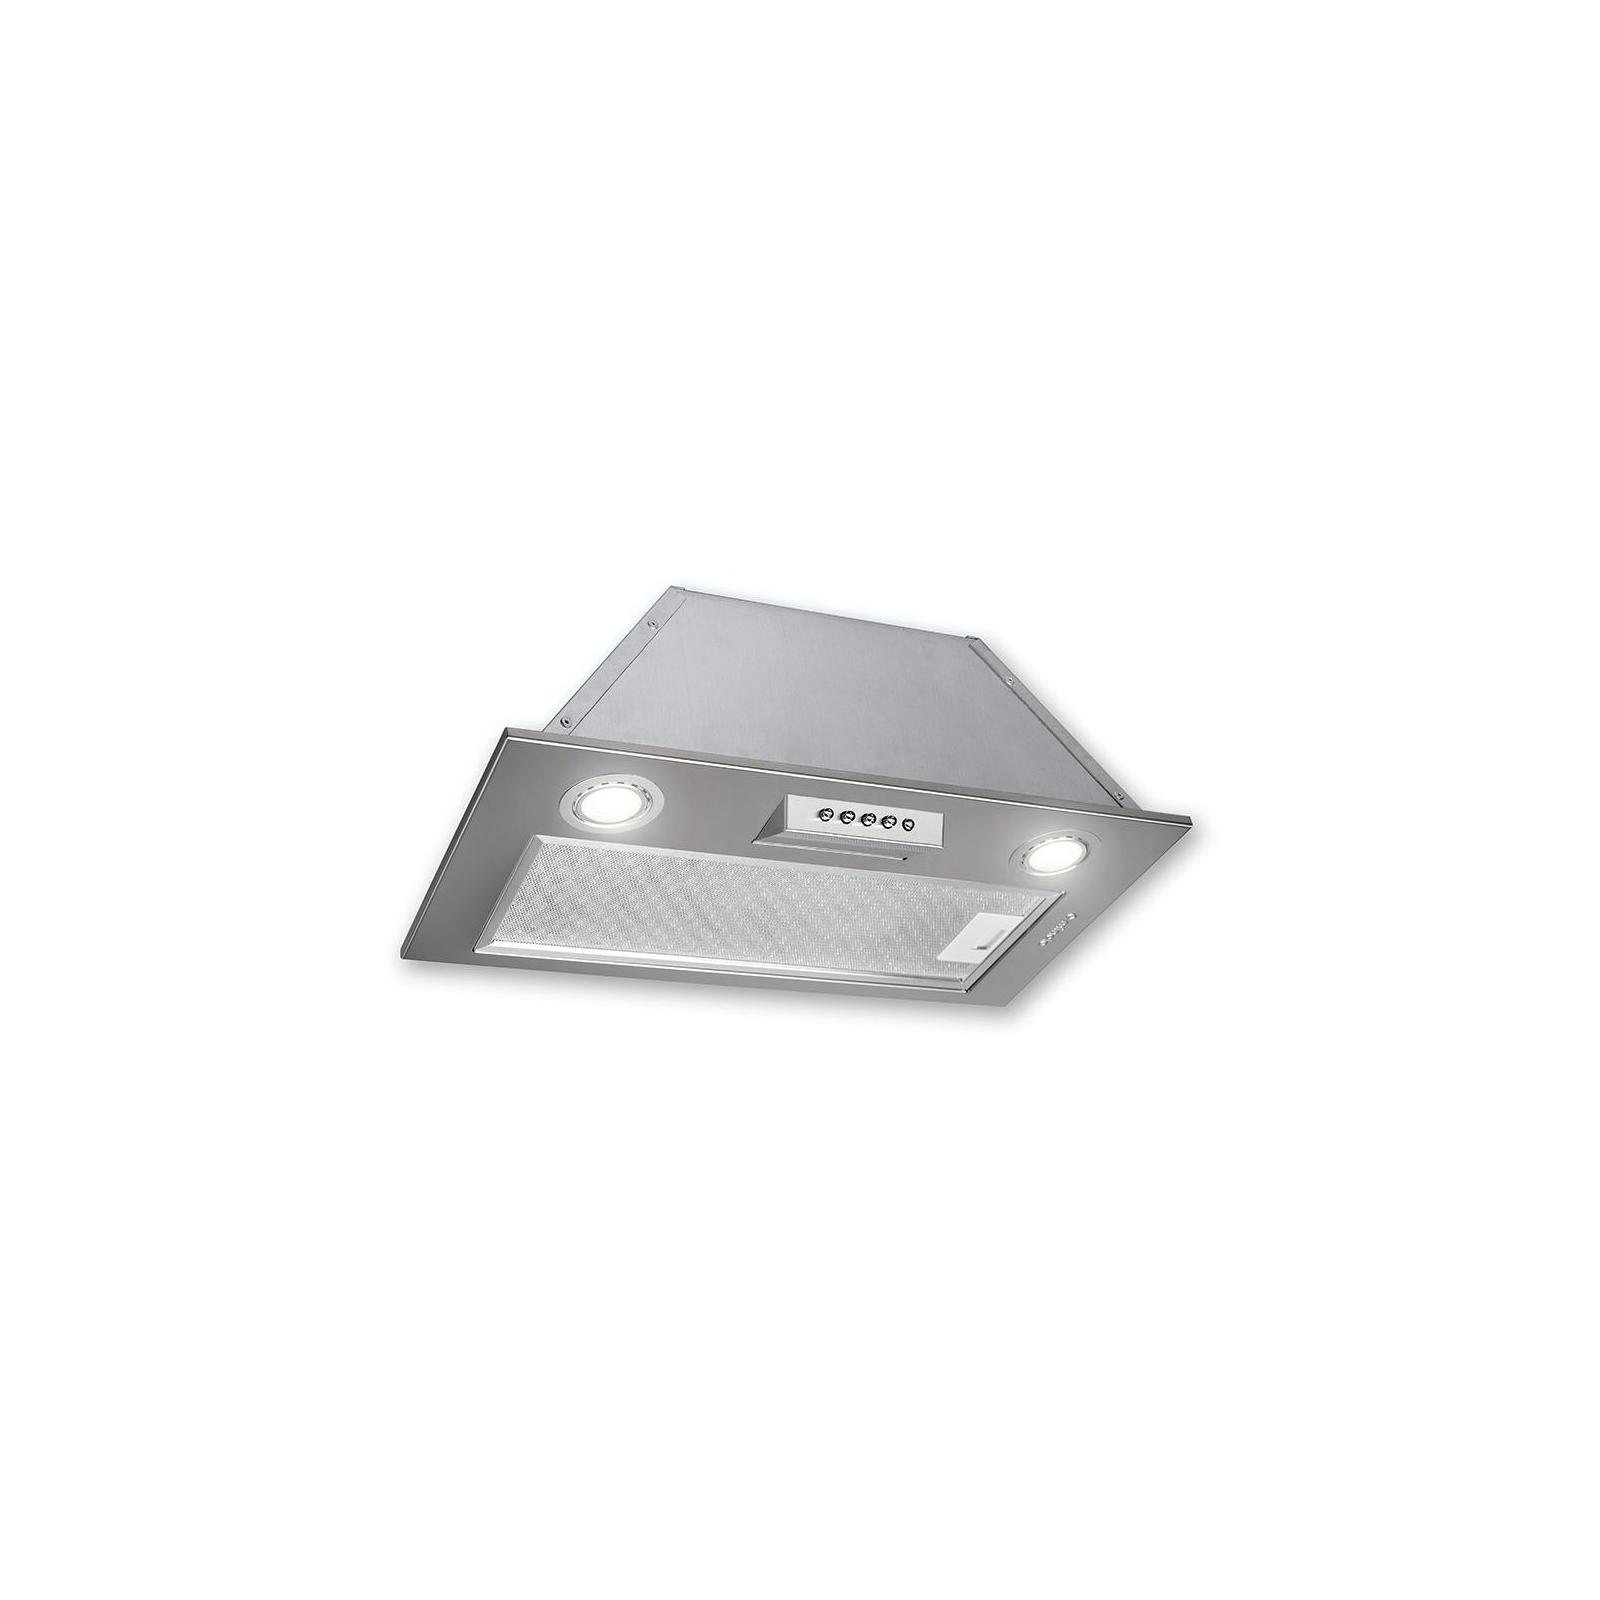 Вытяжка кухонная MINOLA HBI 5321 I 750 изображение 3